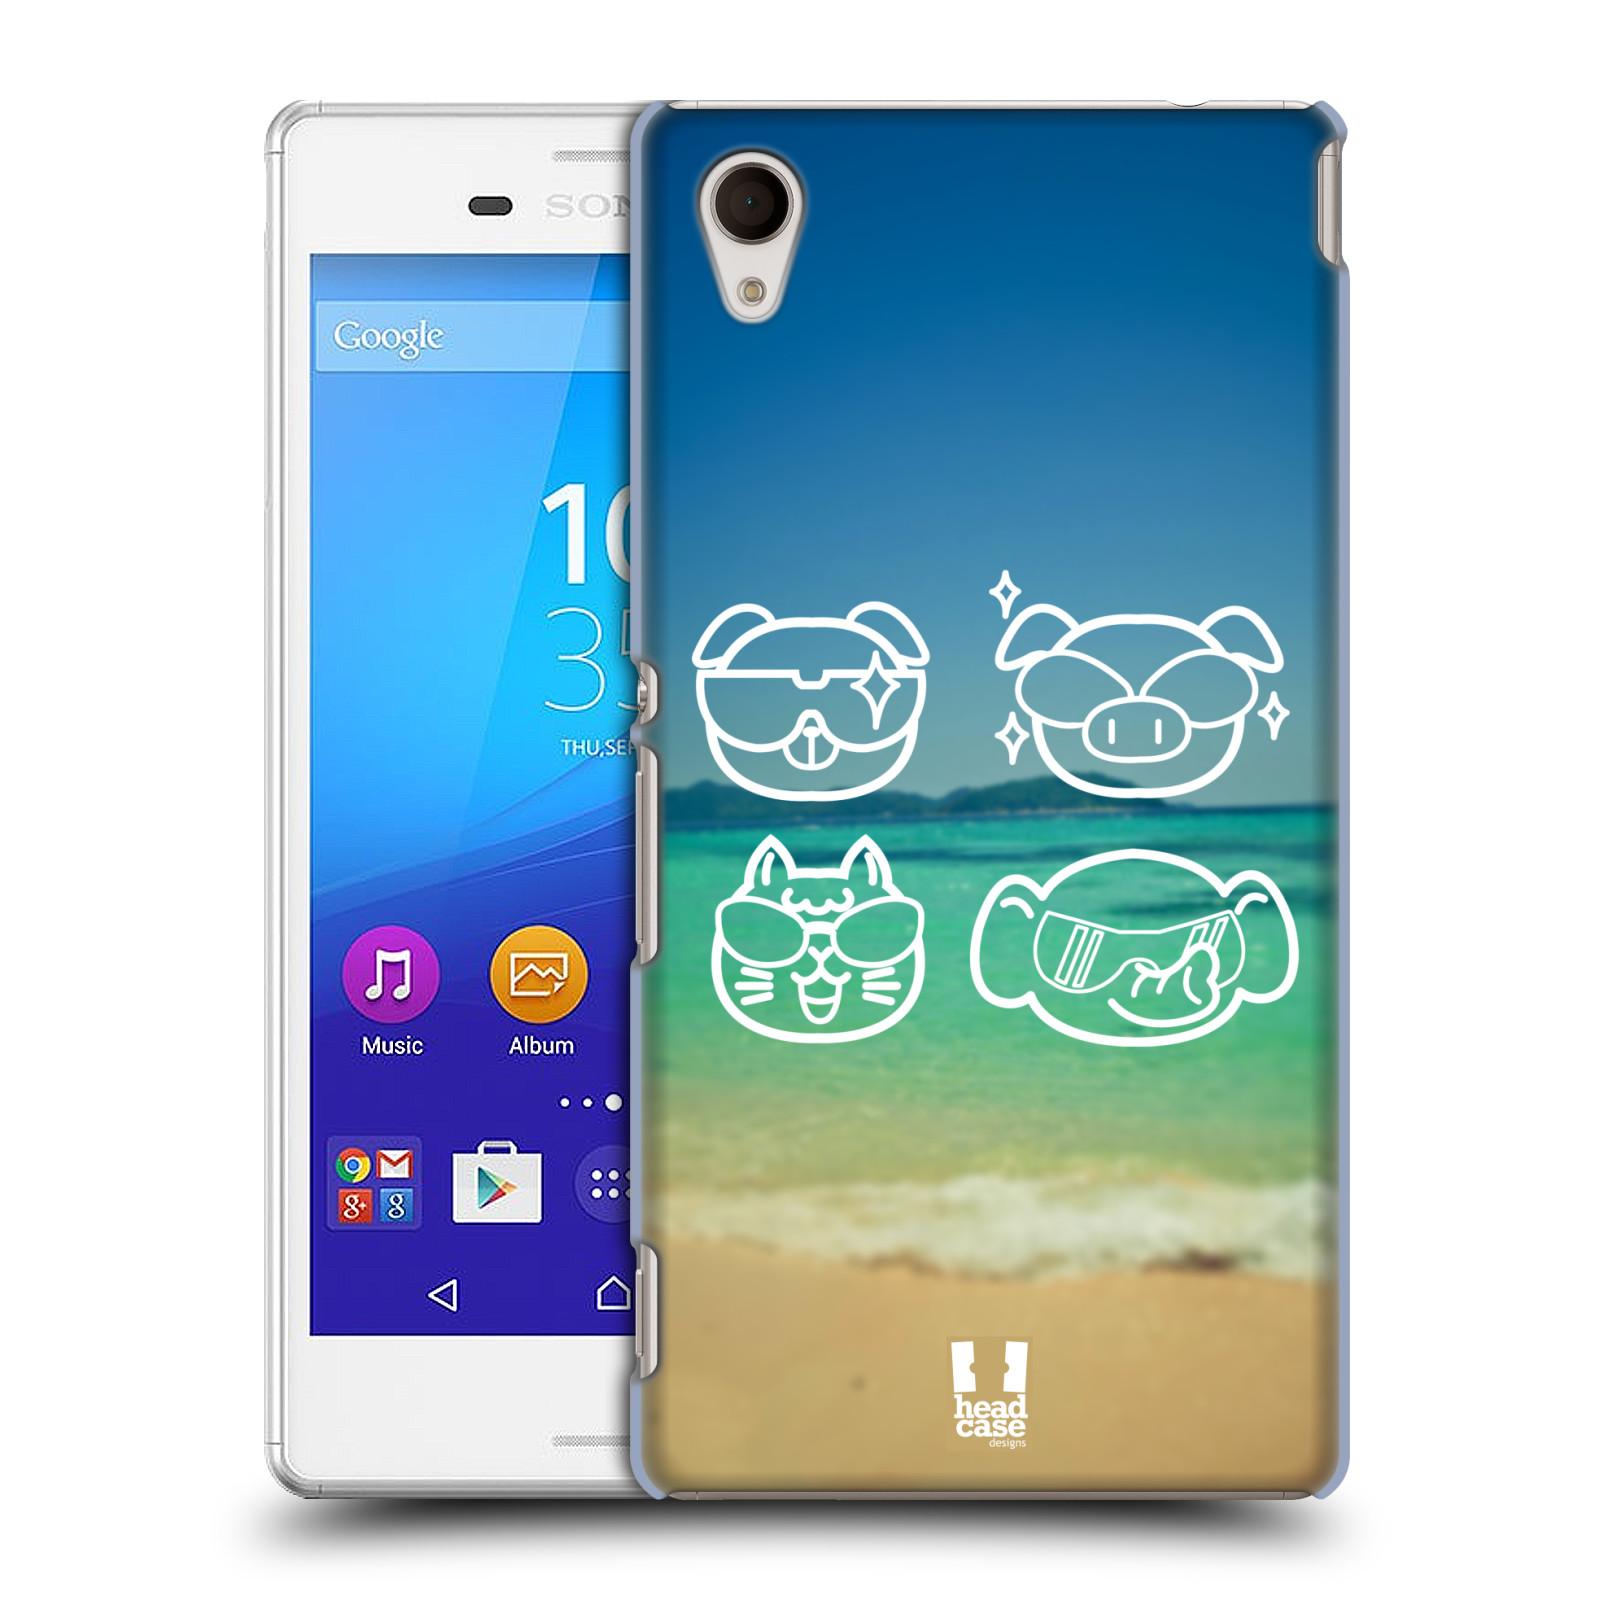 Plastové pouzdro na mobil Sony Xperia M4 Aqua E2303 HEAD CASE EMOJI COOL